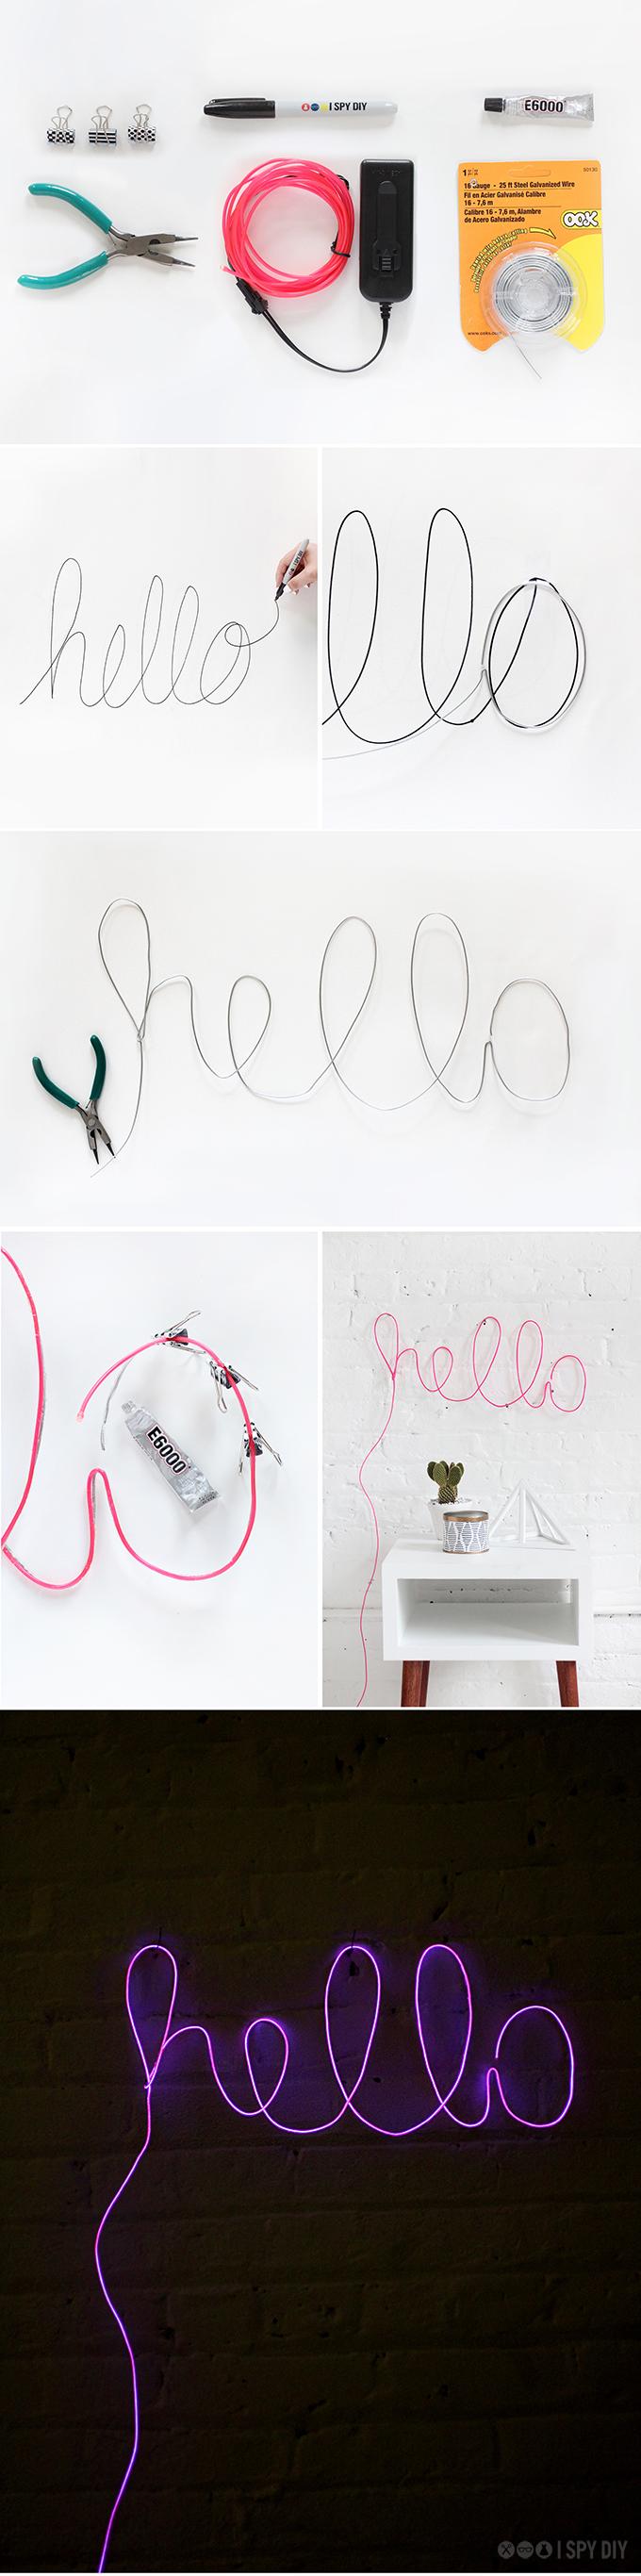 ▷ 1001 + tutoriels idées d'activité manuelle adulte créative